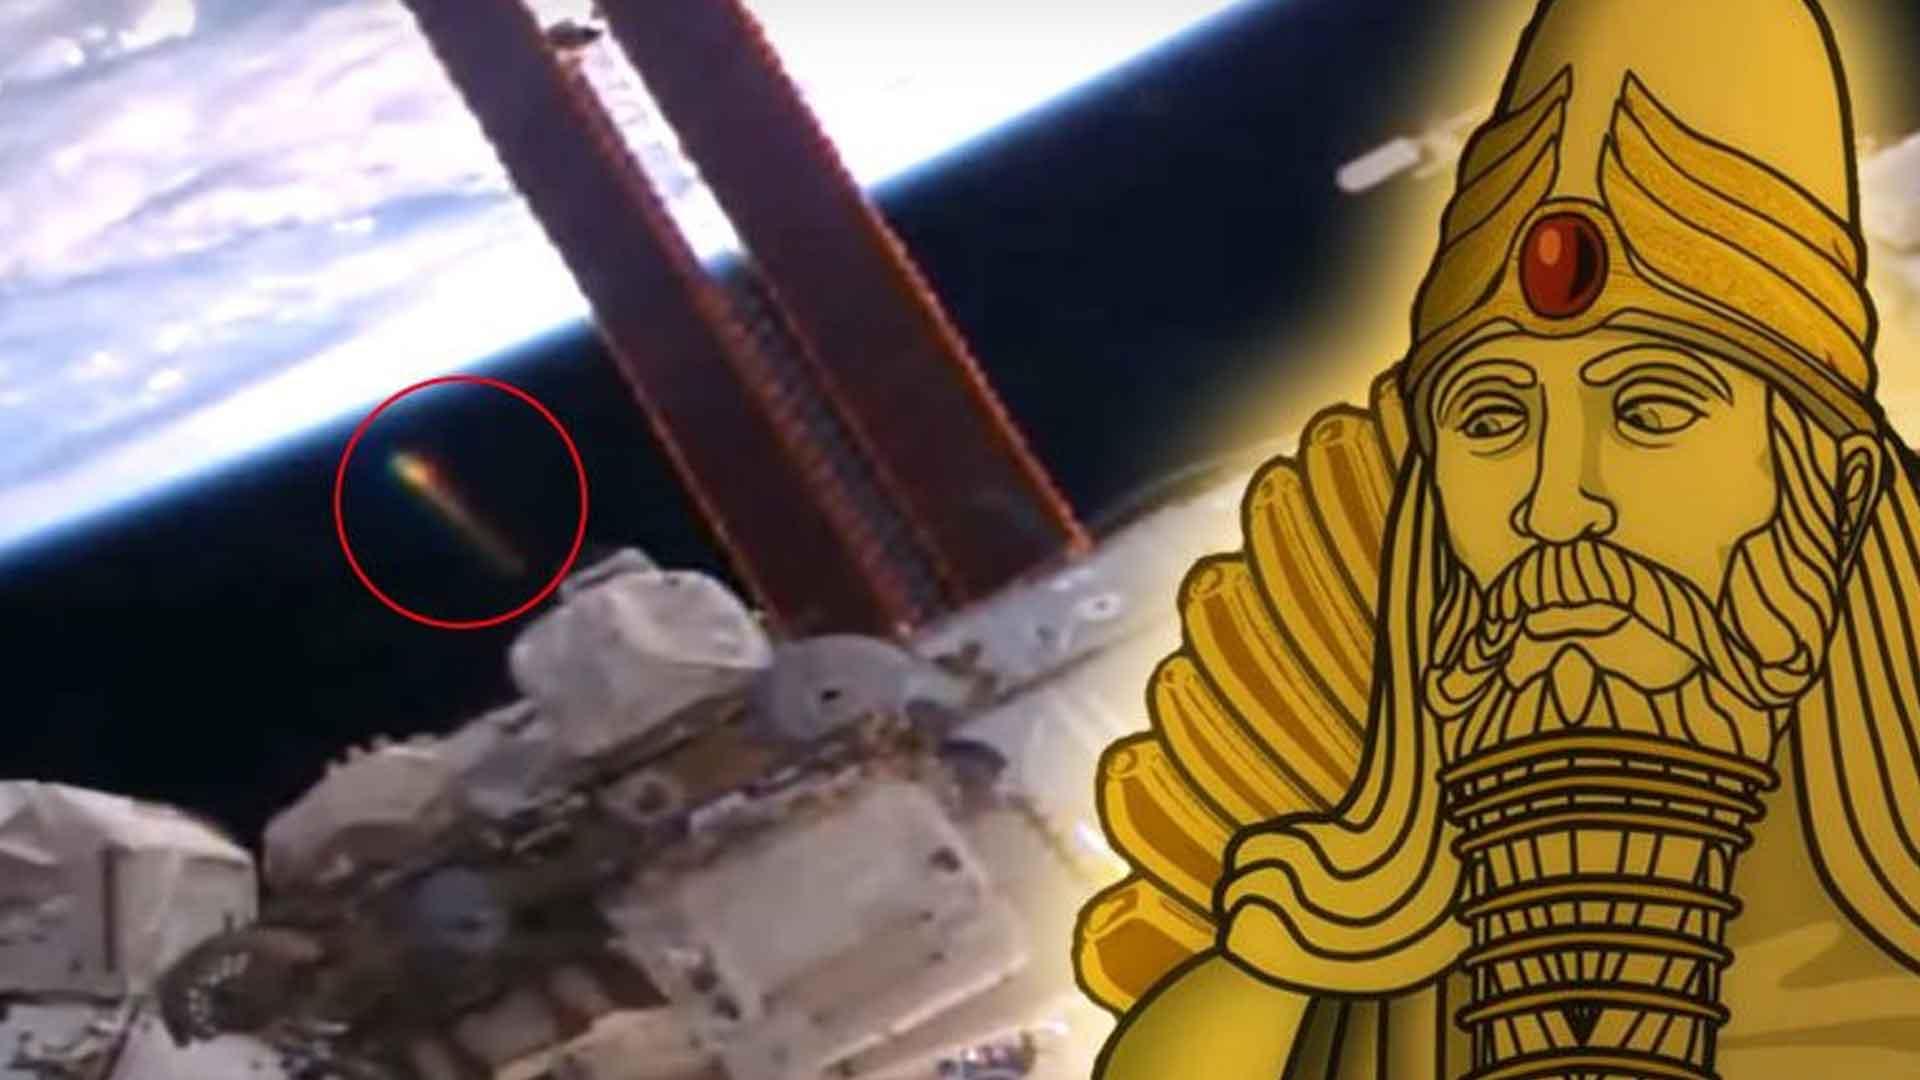 ¿Están los Anunnaki de vuelta?: Vídeo de un extraño OVNI de oro captado cerca de la EEI